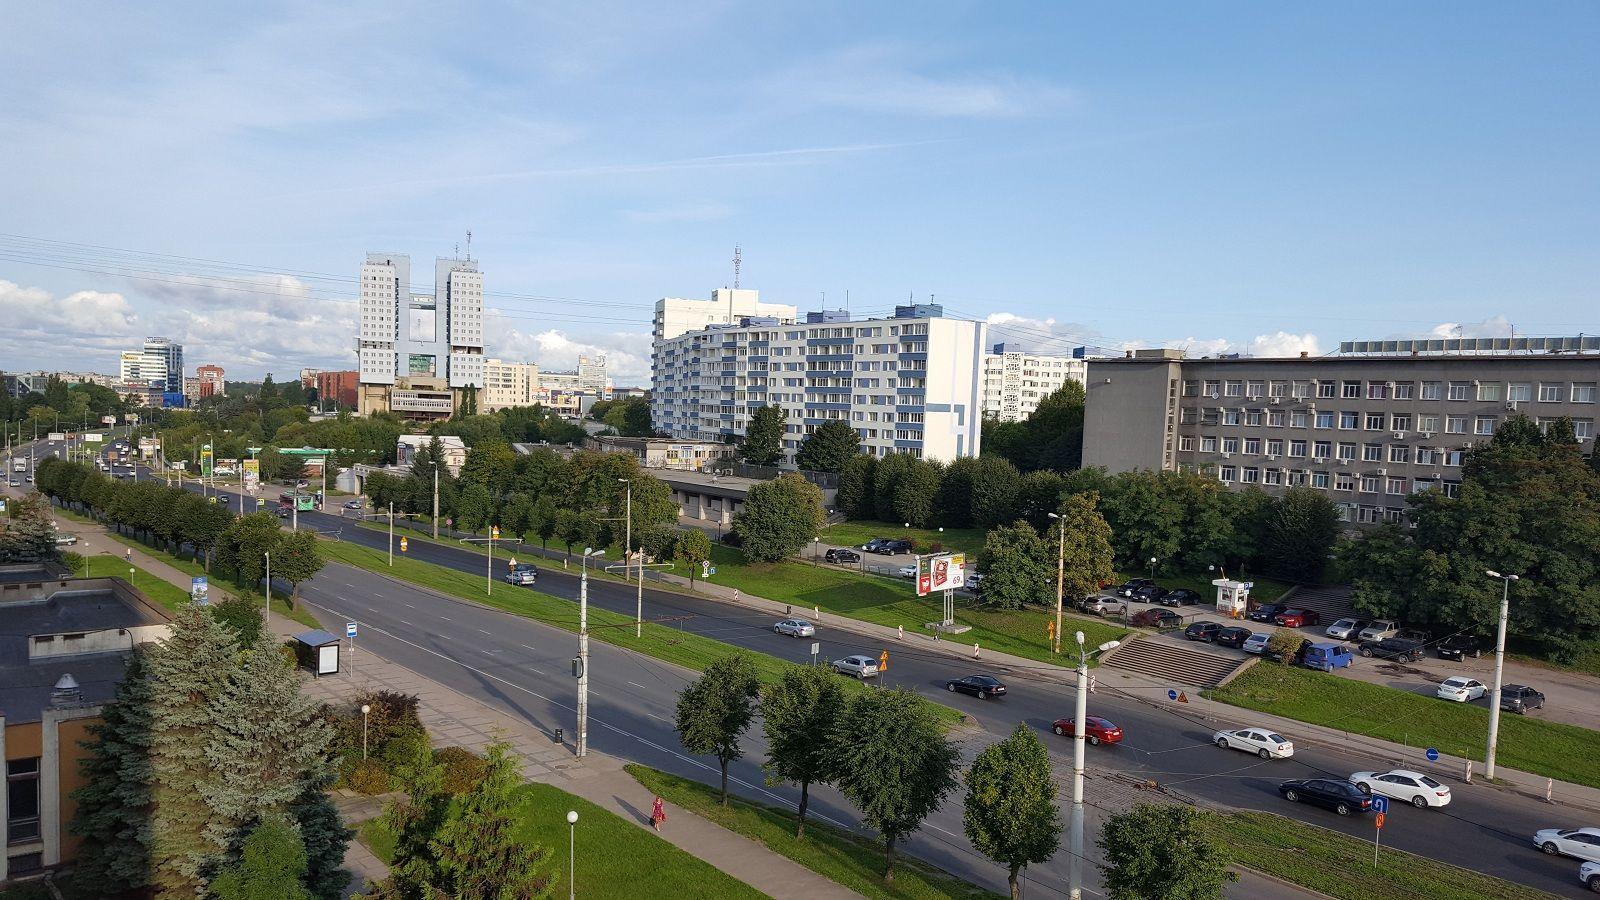 Как я провела свой день рождение, я покажу вам летний Калининград, фото 8